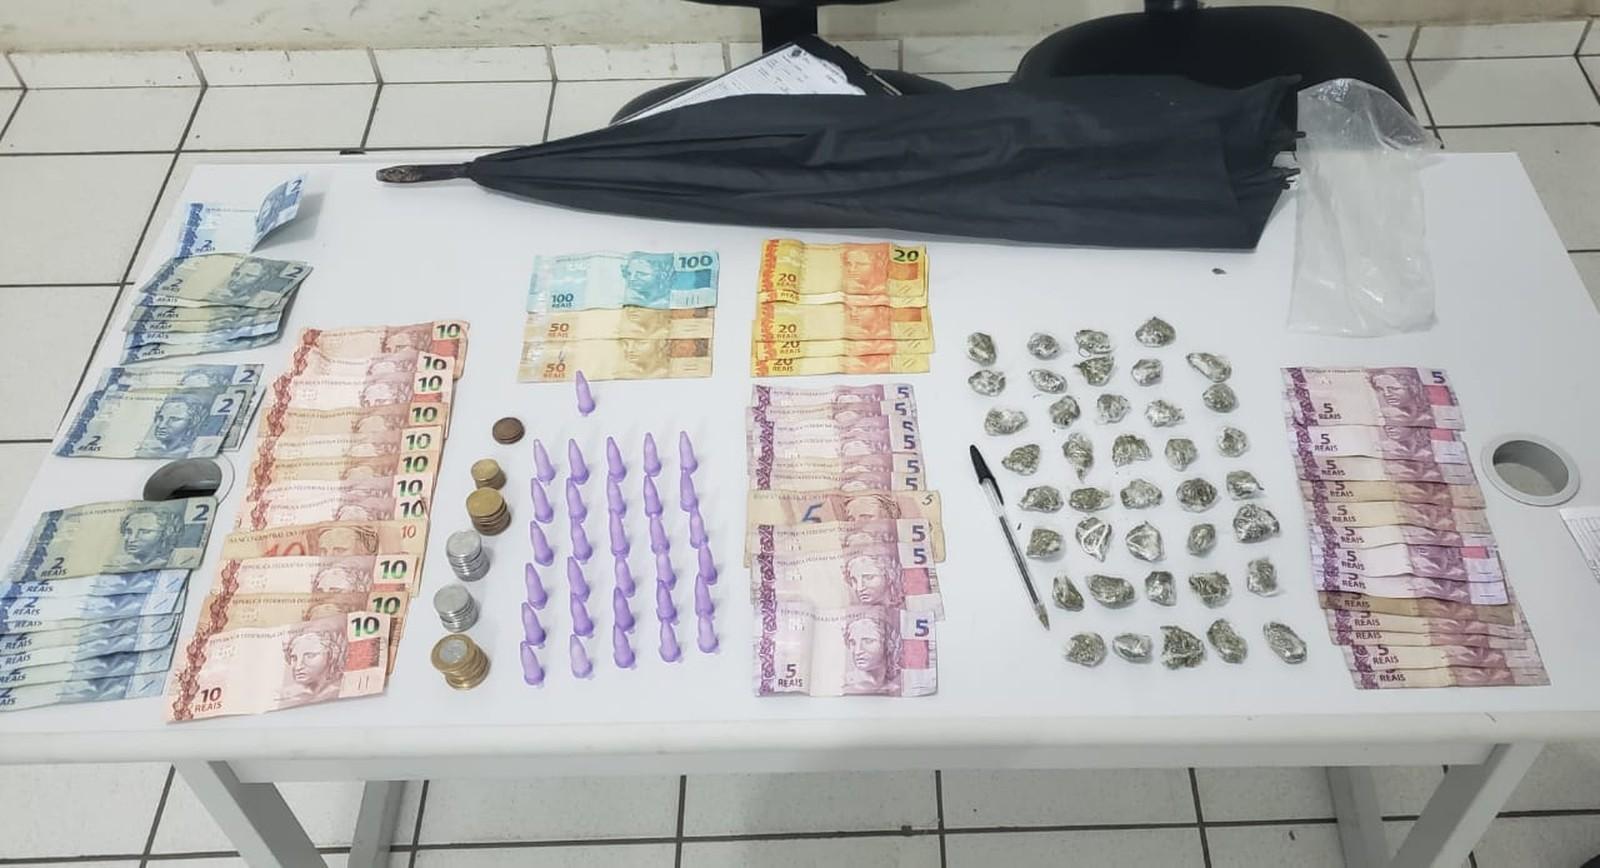 Homem é preso com maconha e cocaína dentro de guarda-chuva em Marília — Foto: Polícia Militar/Divulgação